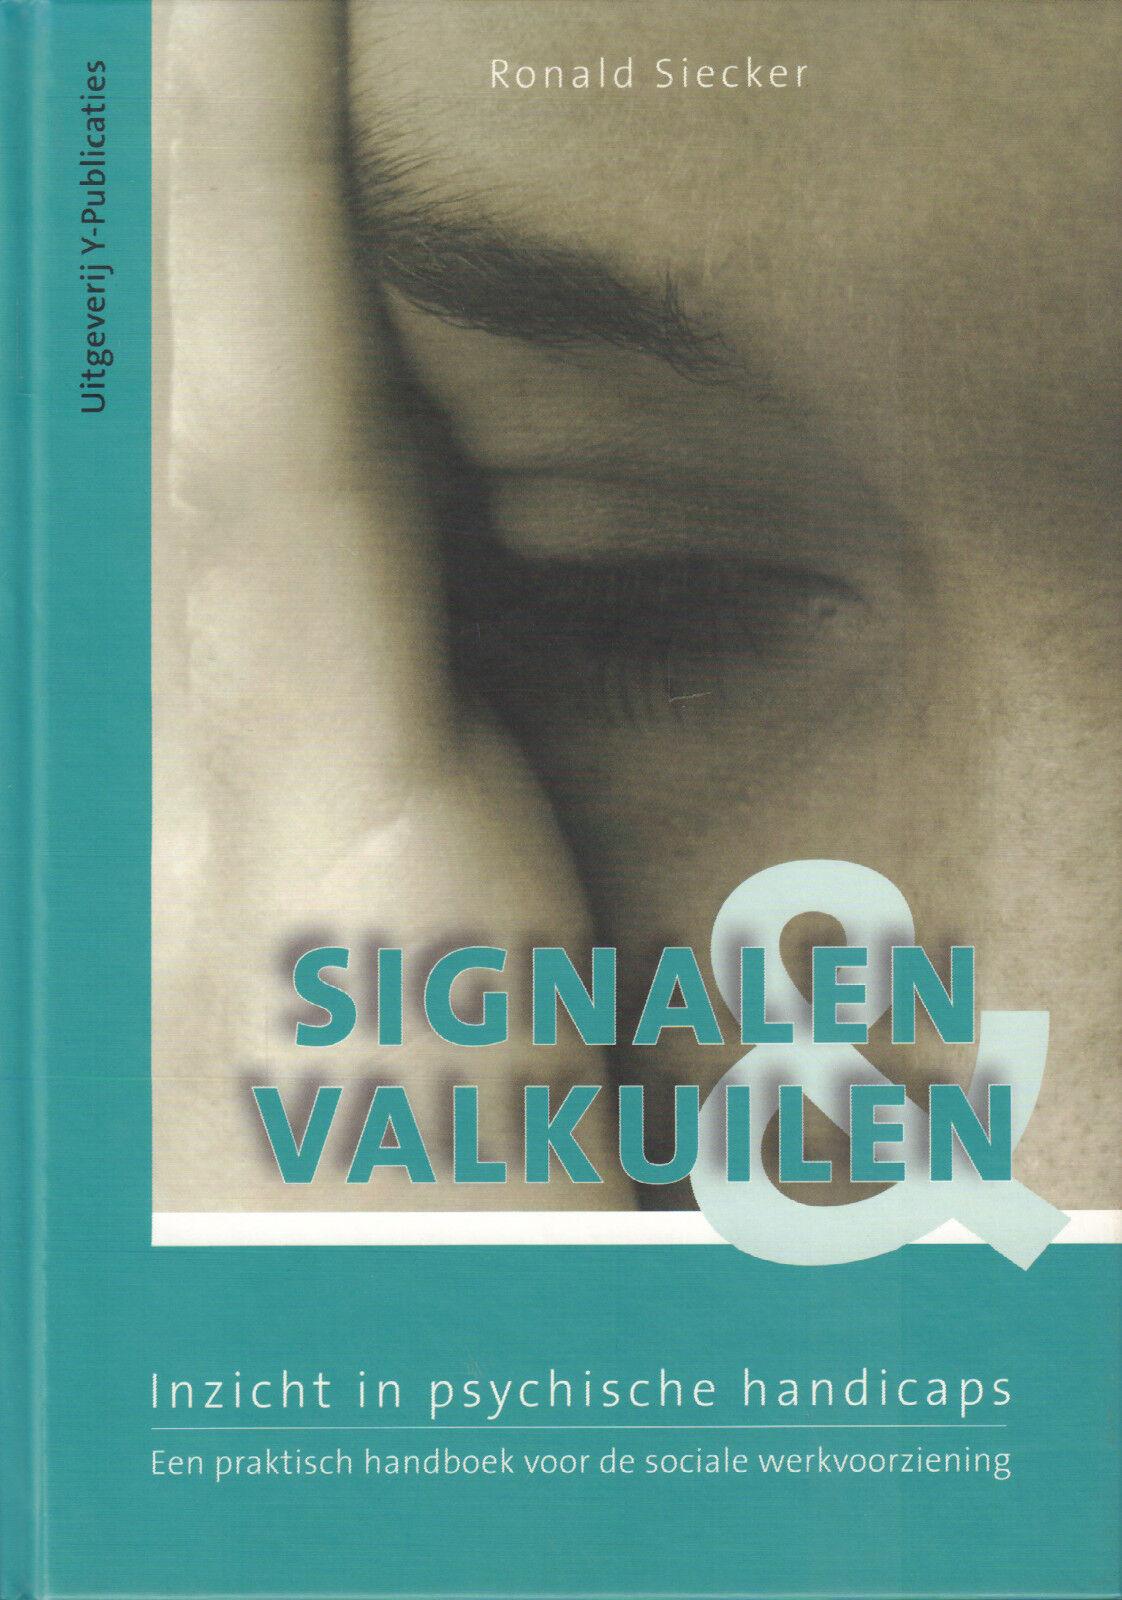 SIGNALEN & VALKUILEN (INZICHT IN PSYCHISCHE HANDICAPS) - Ronald Siecker